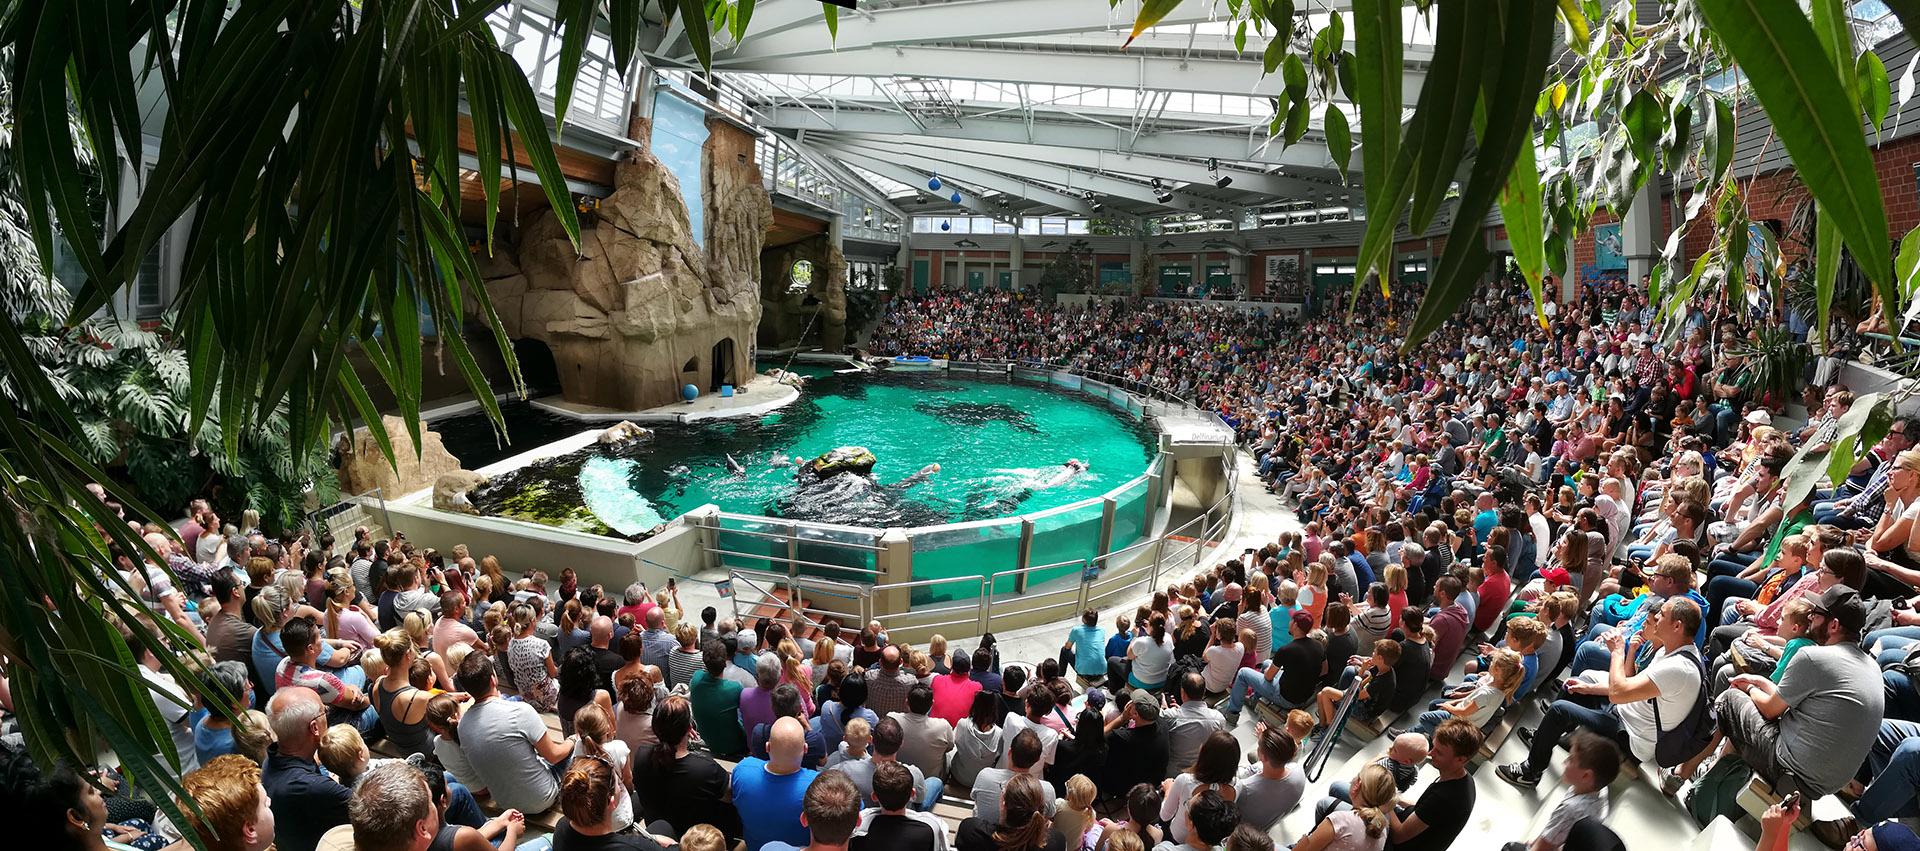 Nur der Delphine wegen - alleine in dieser Vorstellung saßen 1400 Besucher